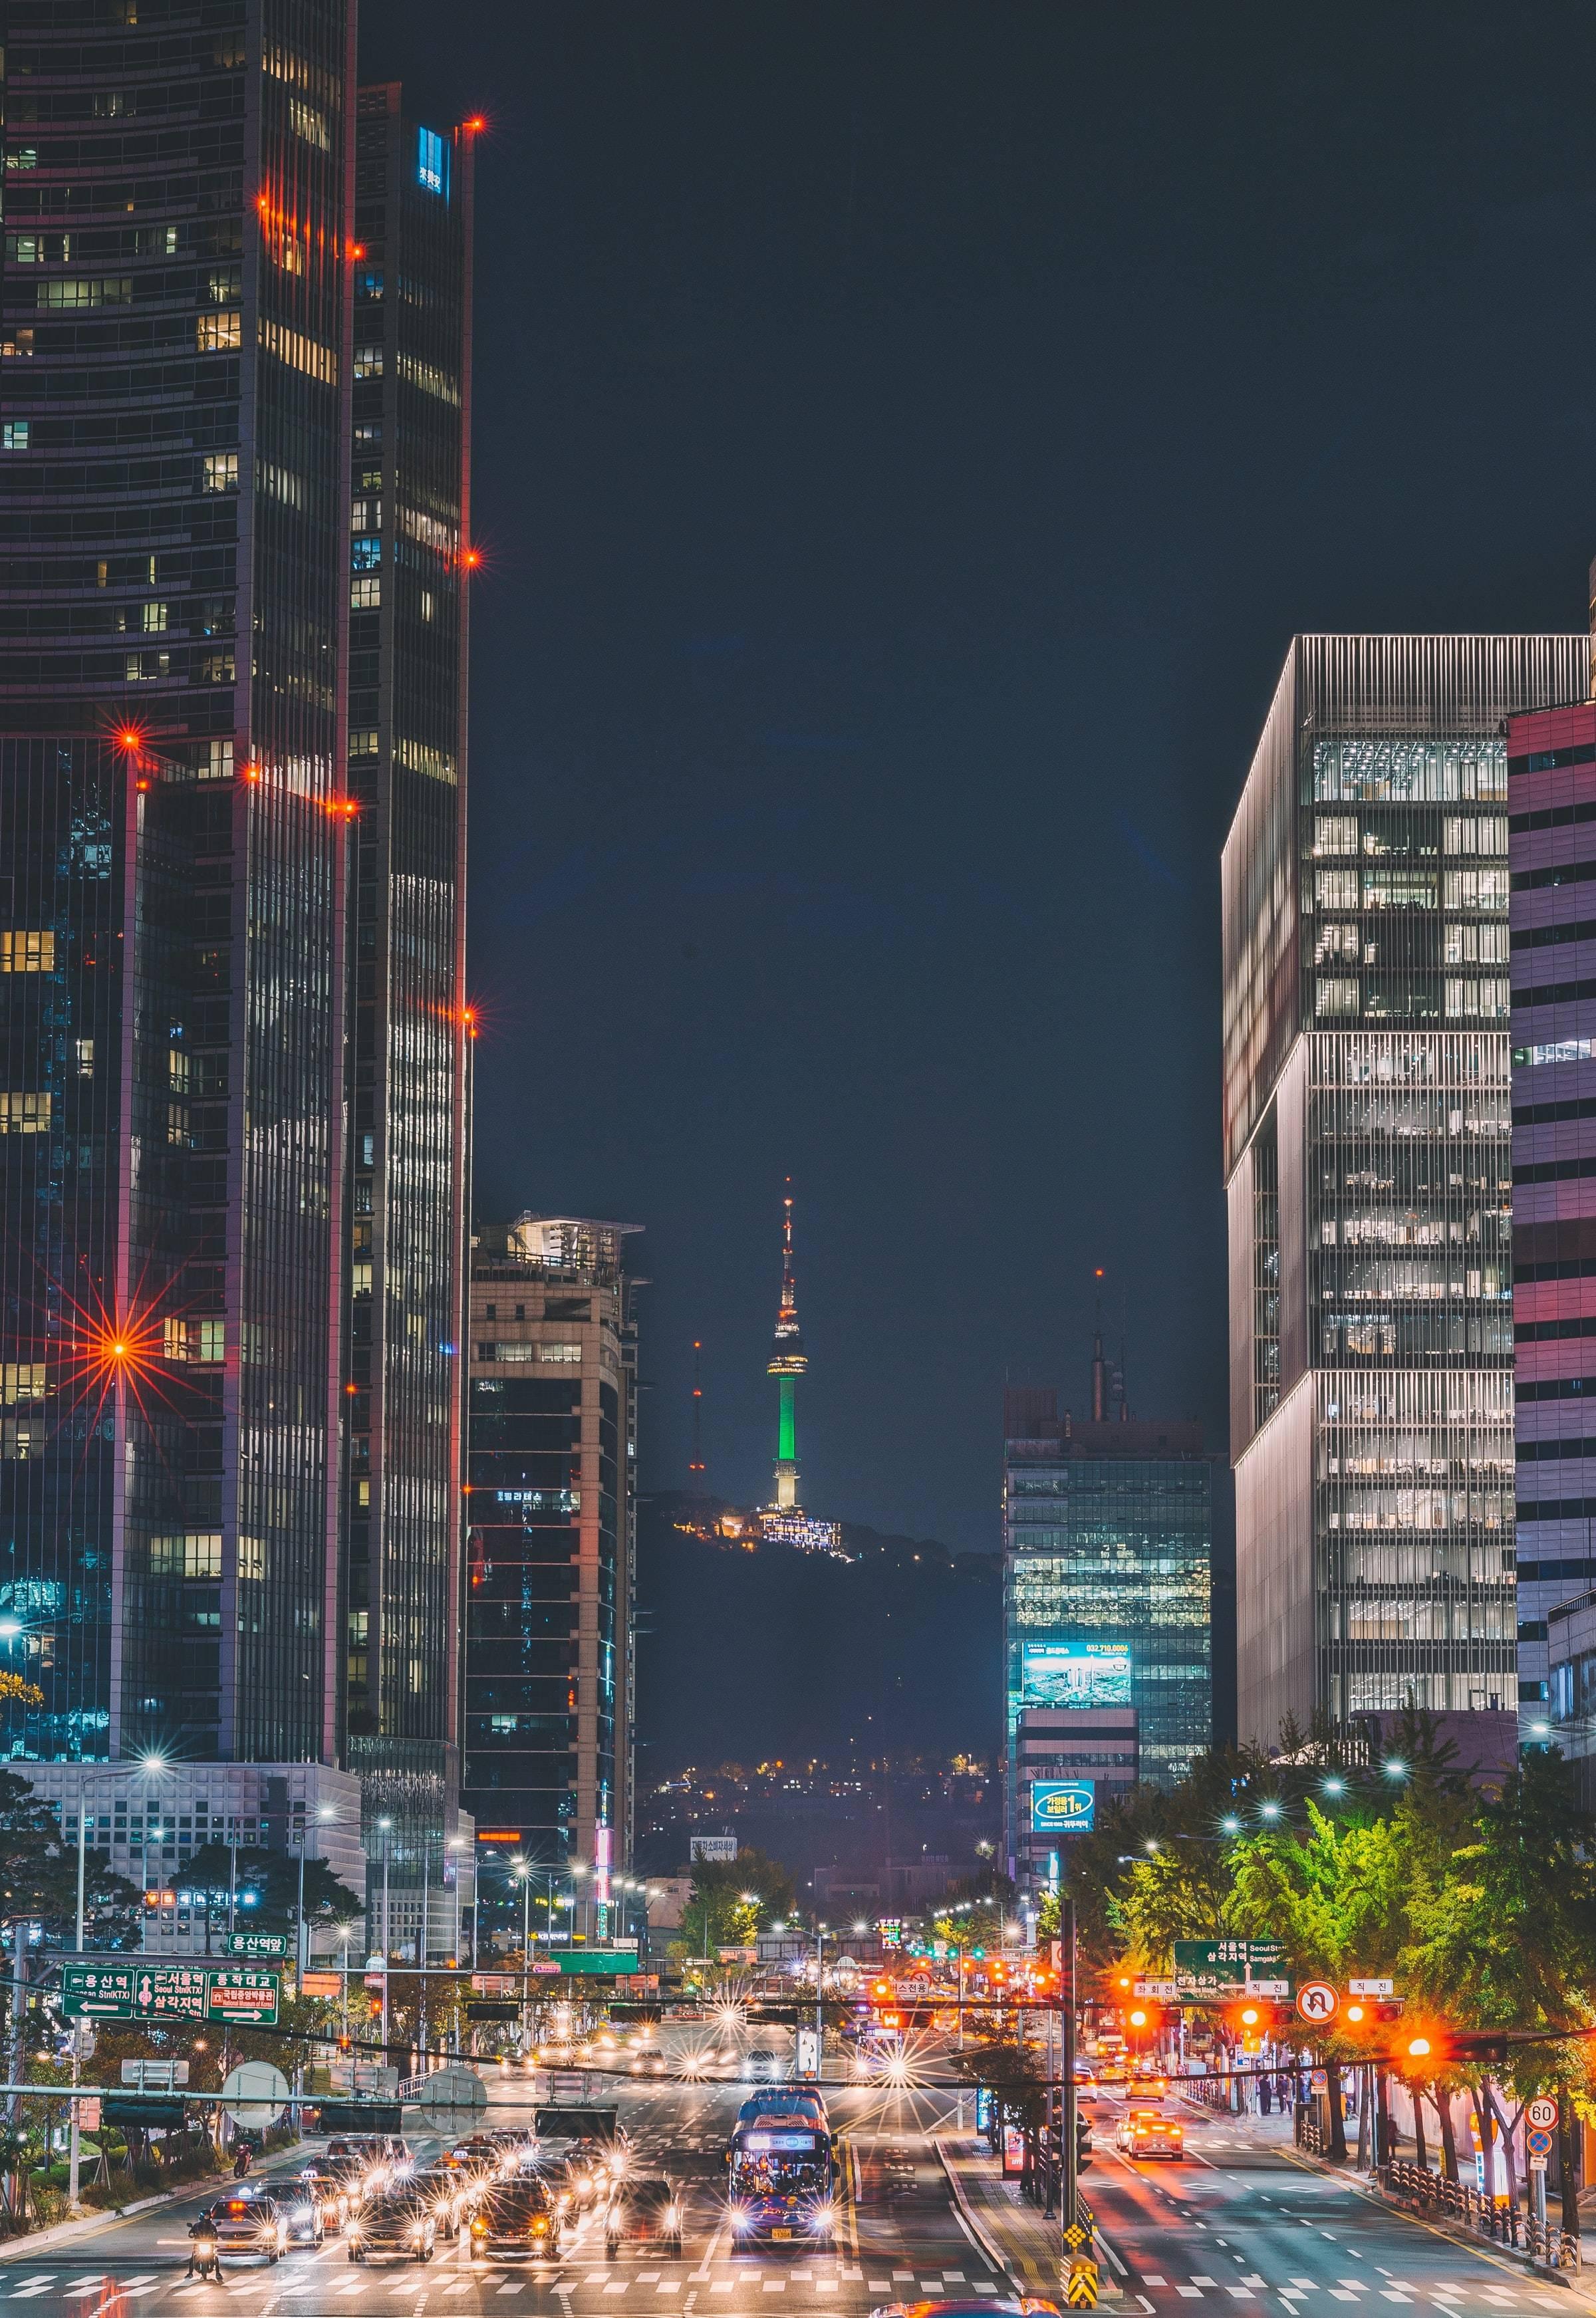 Yongsan South Korea